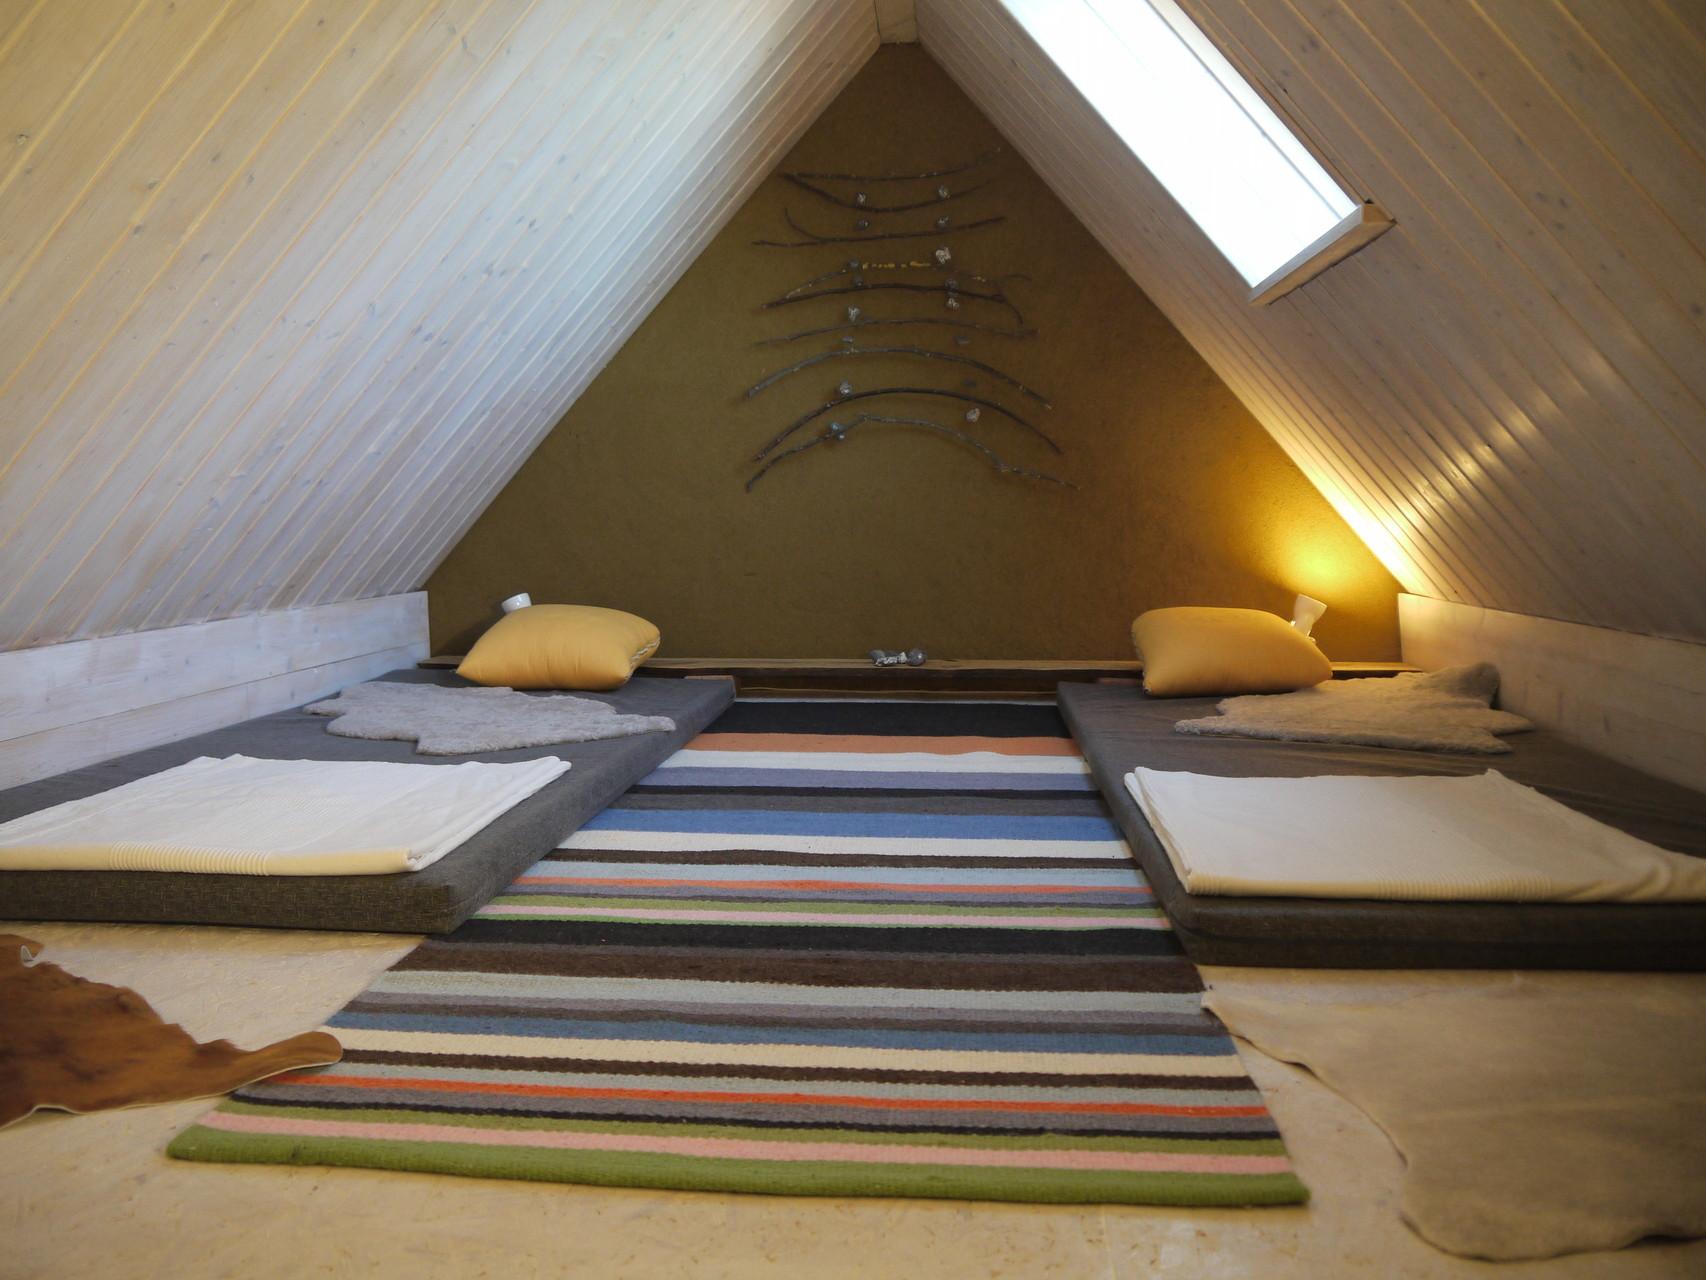 Schlafkammer unter dem Dach